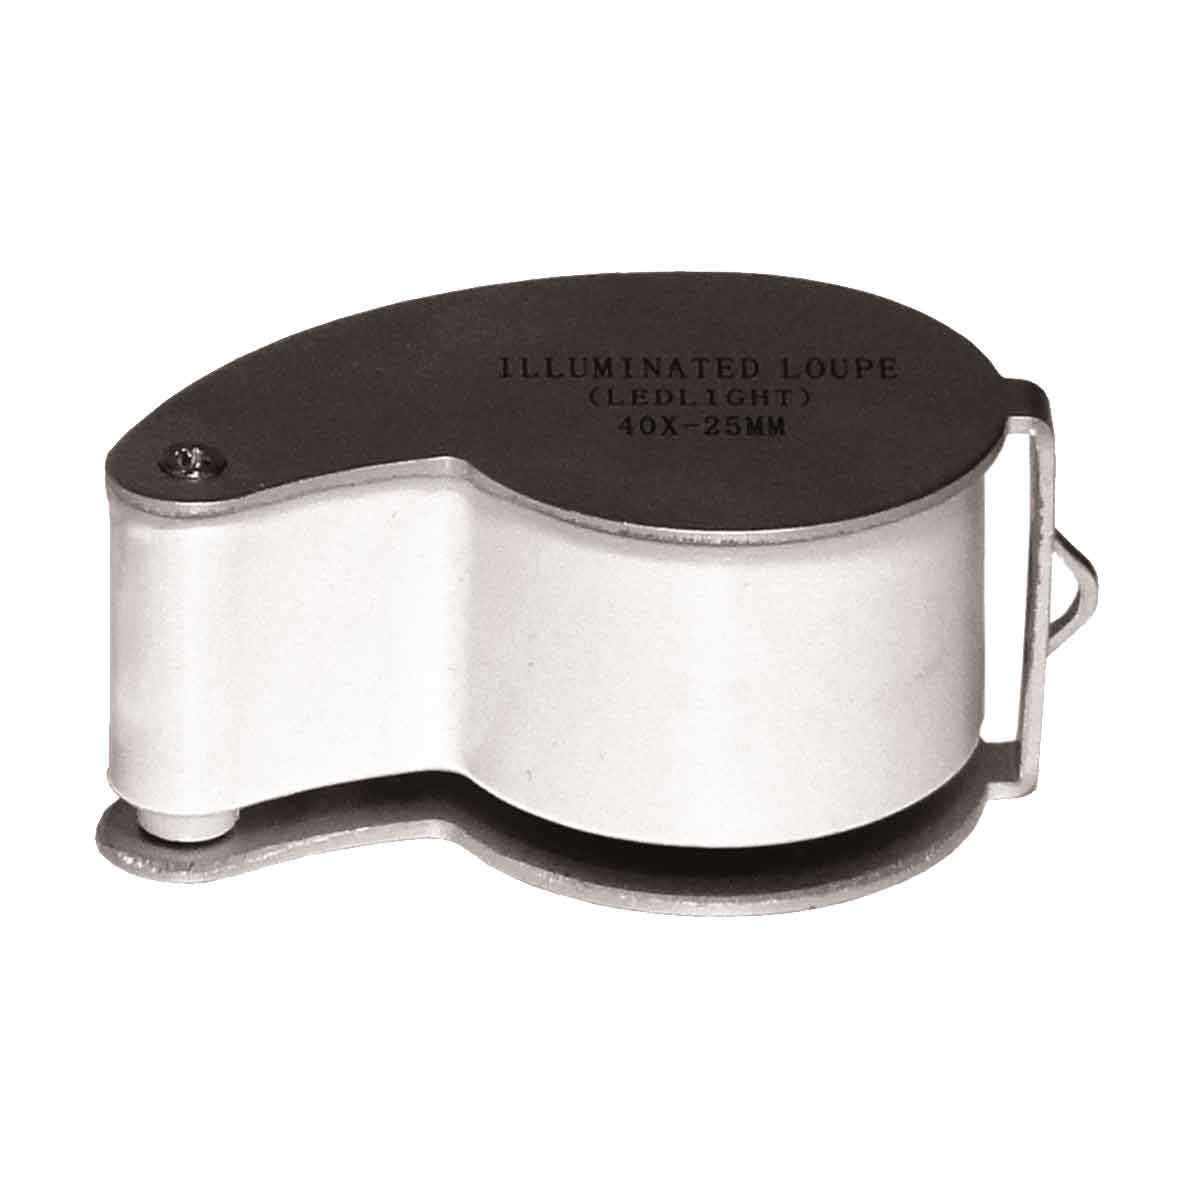 Lupa p / Joalheiro e Relojoeiro 25mm c / Iluminação LED - MG 21011 CSR